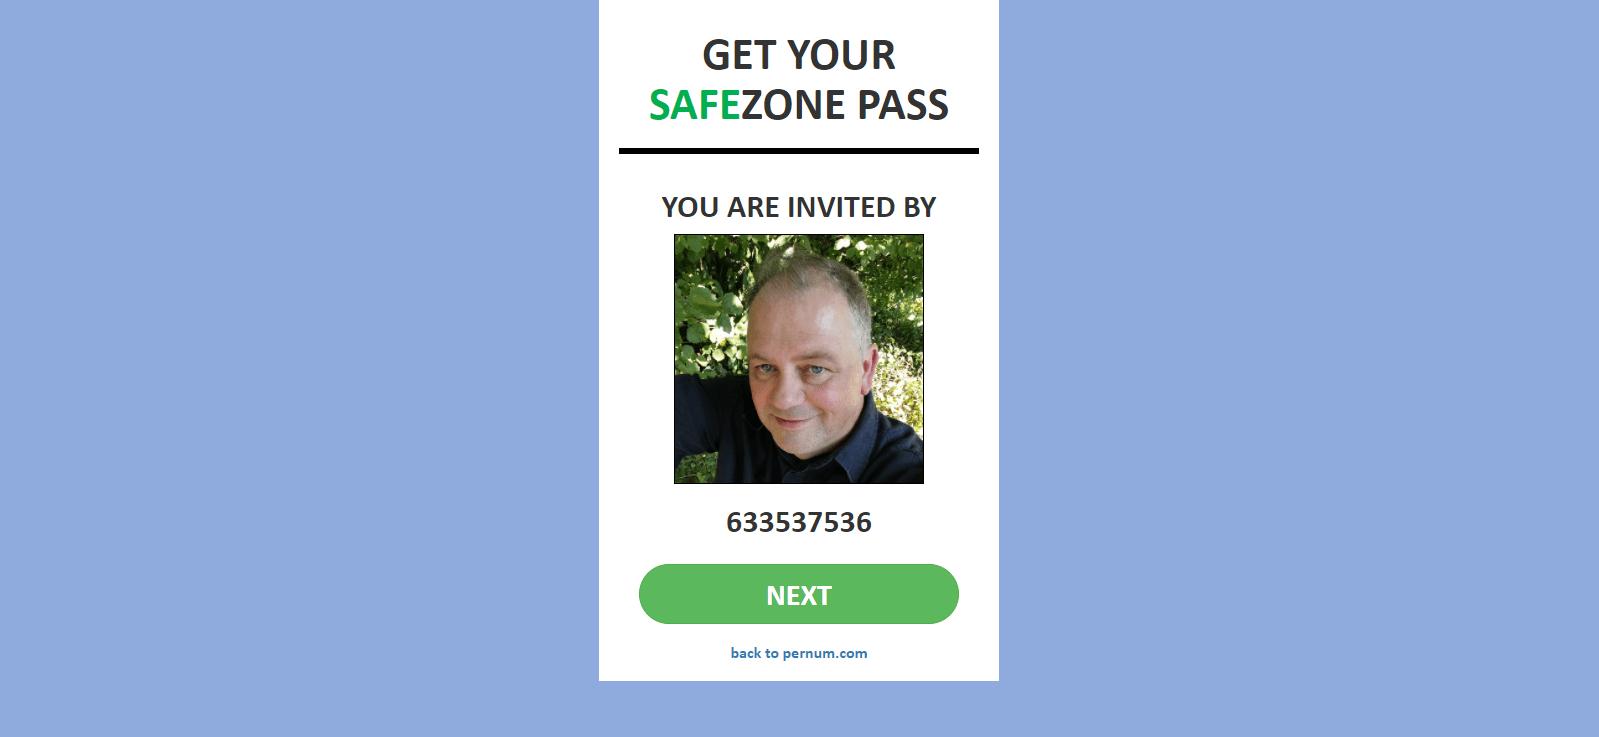 SafeZone Pass